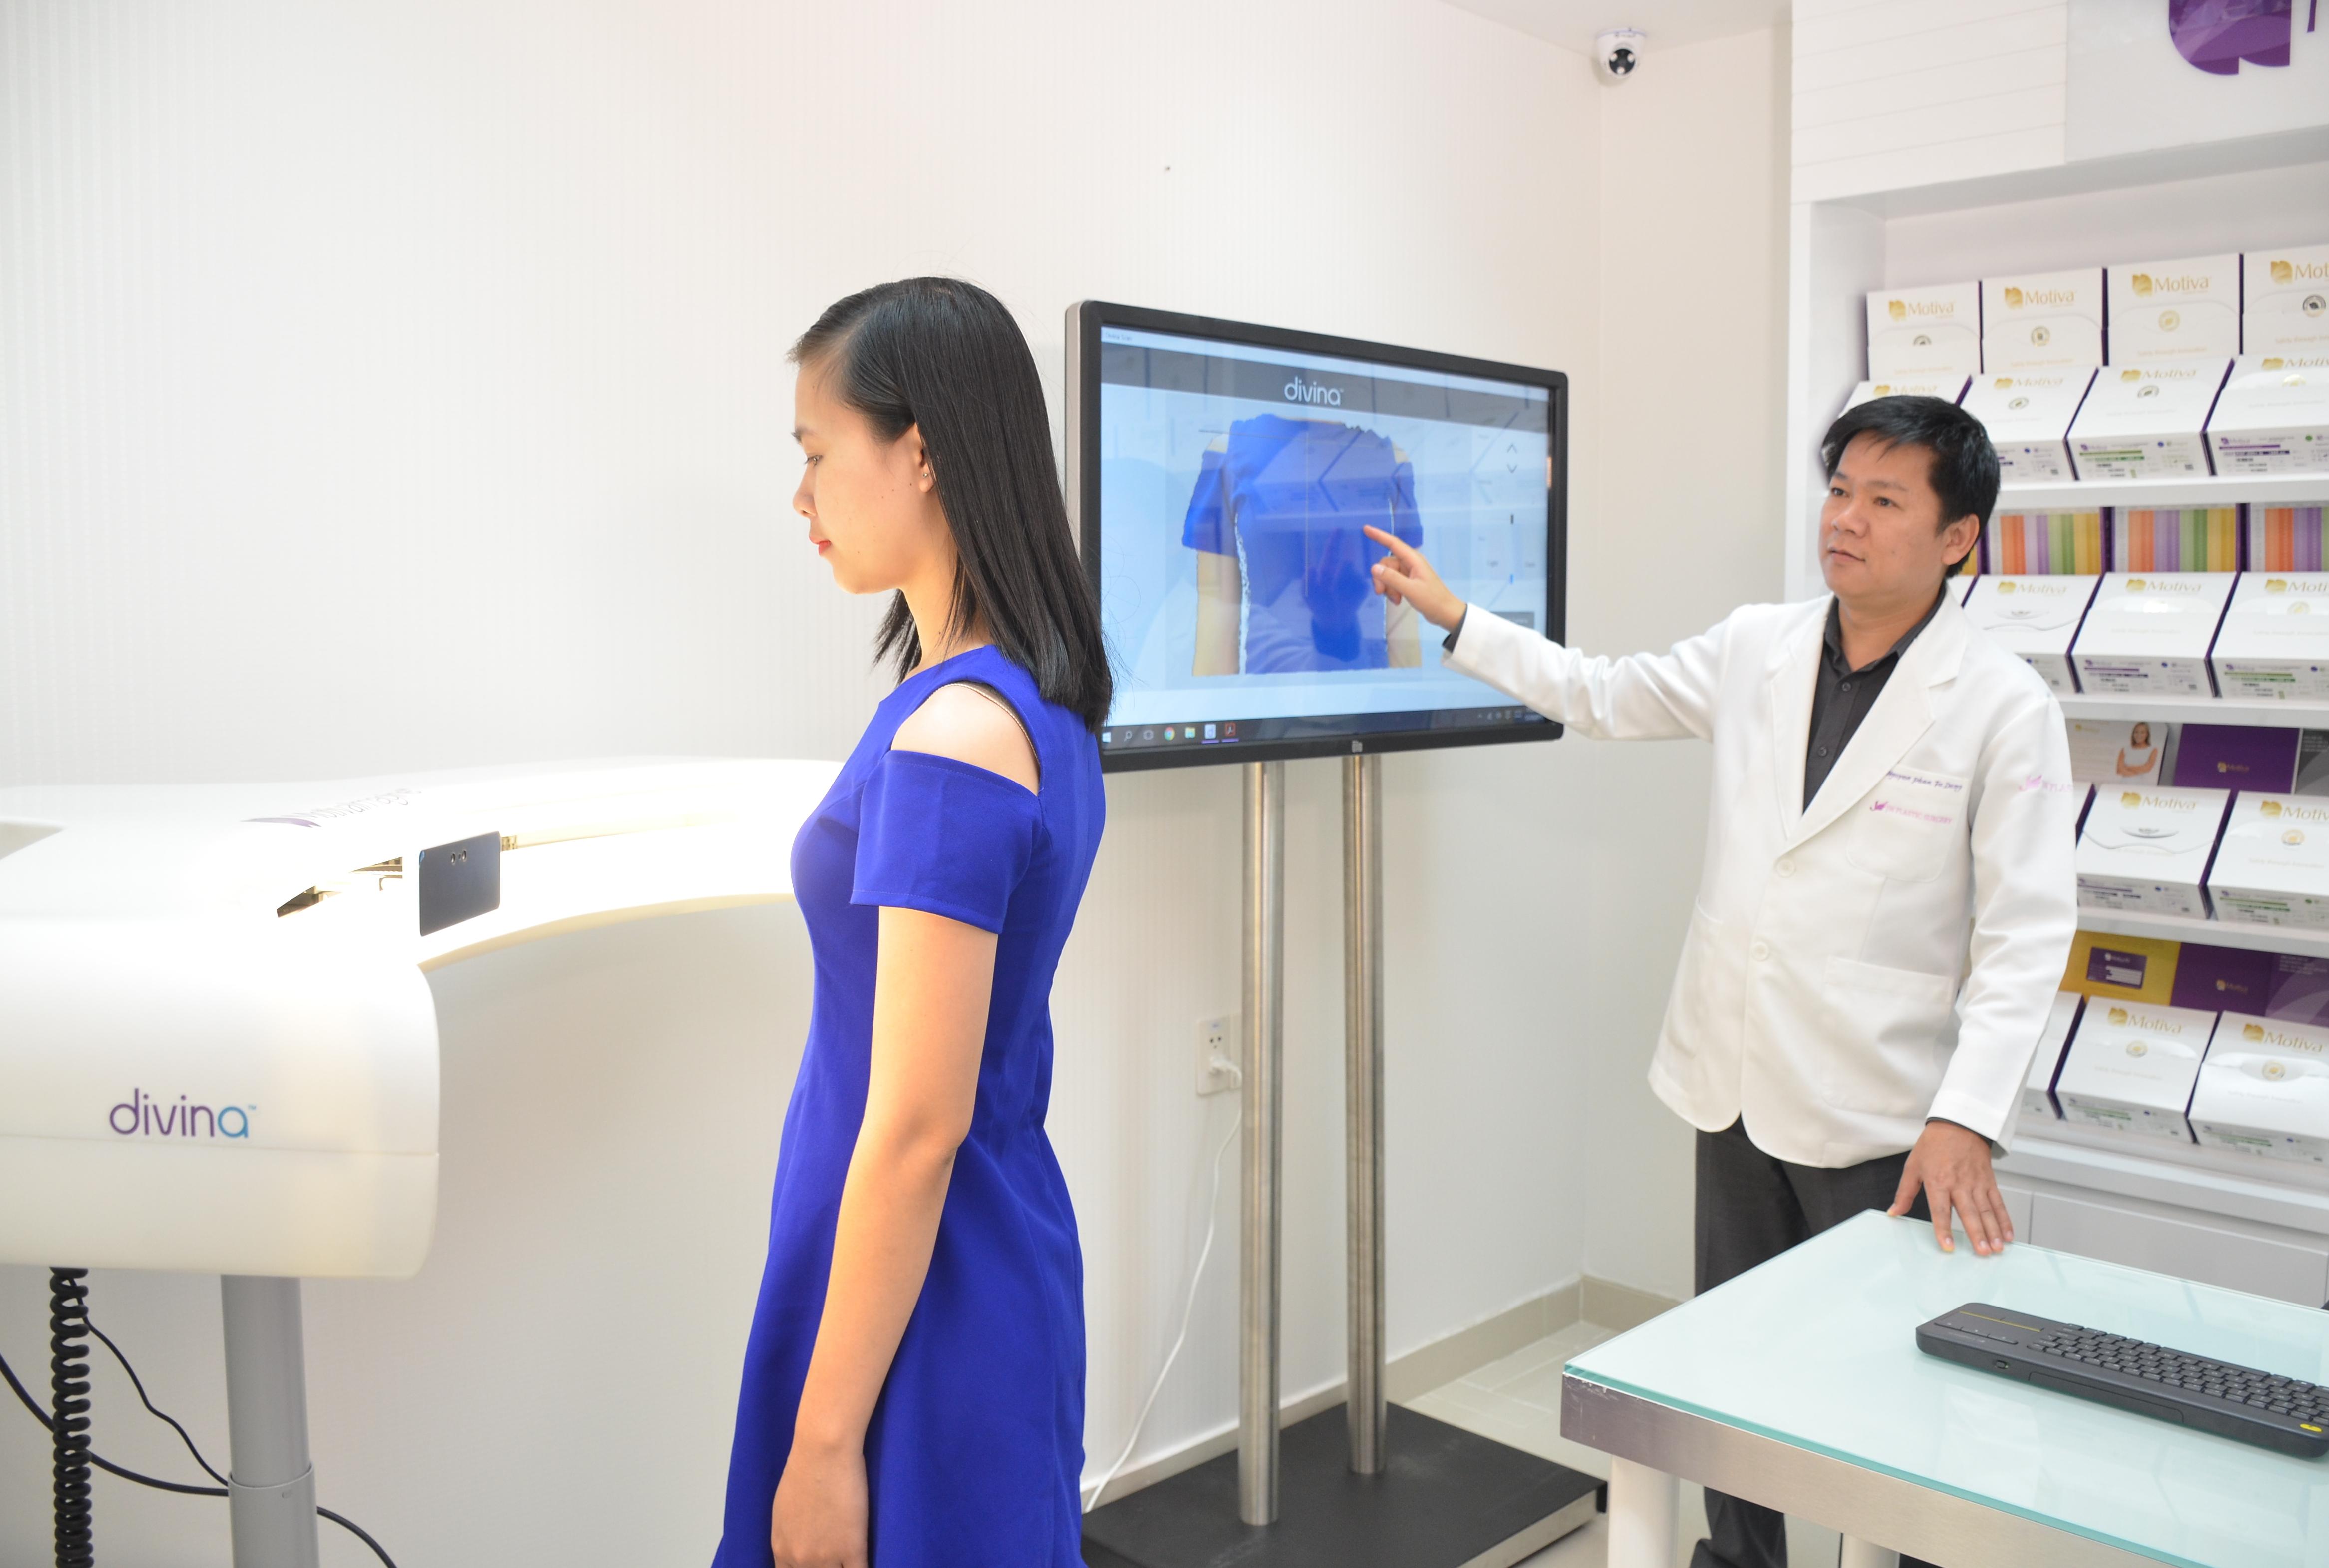 Máy chuyên sâu 3D xuất hiện tiên phong tại Bệnh viện thẩm mỹ JW